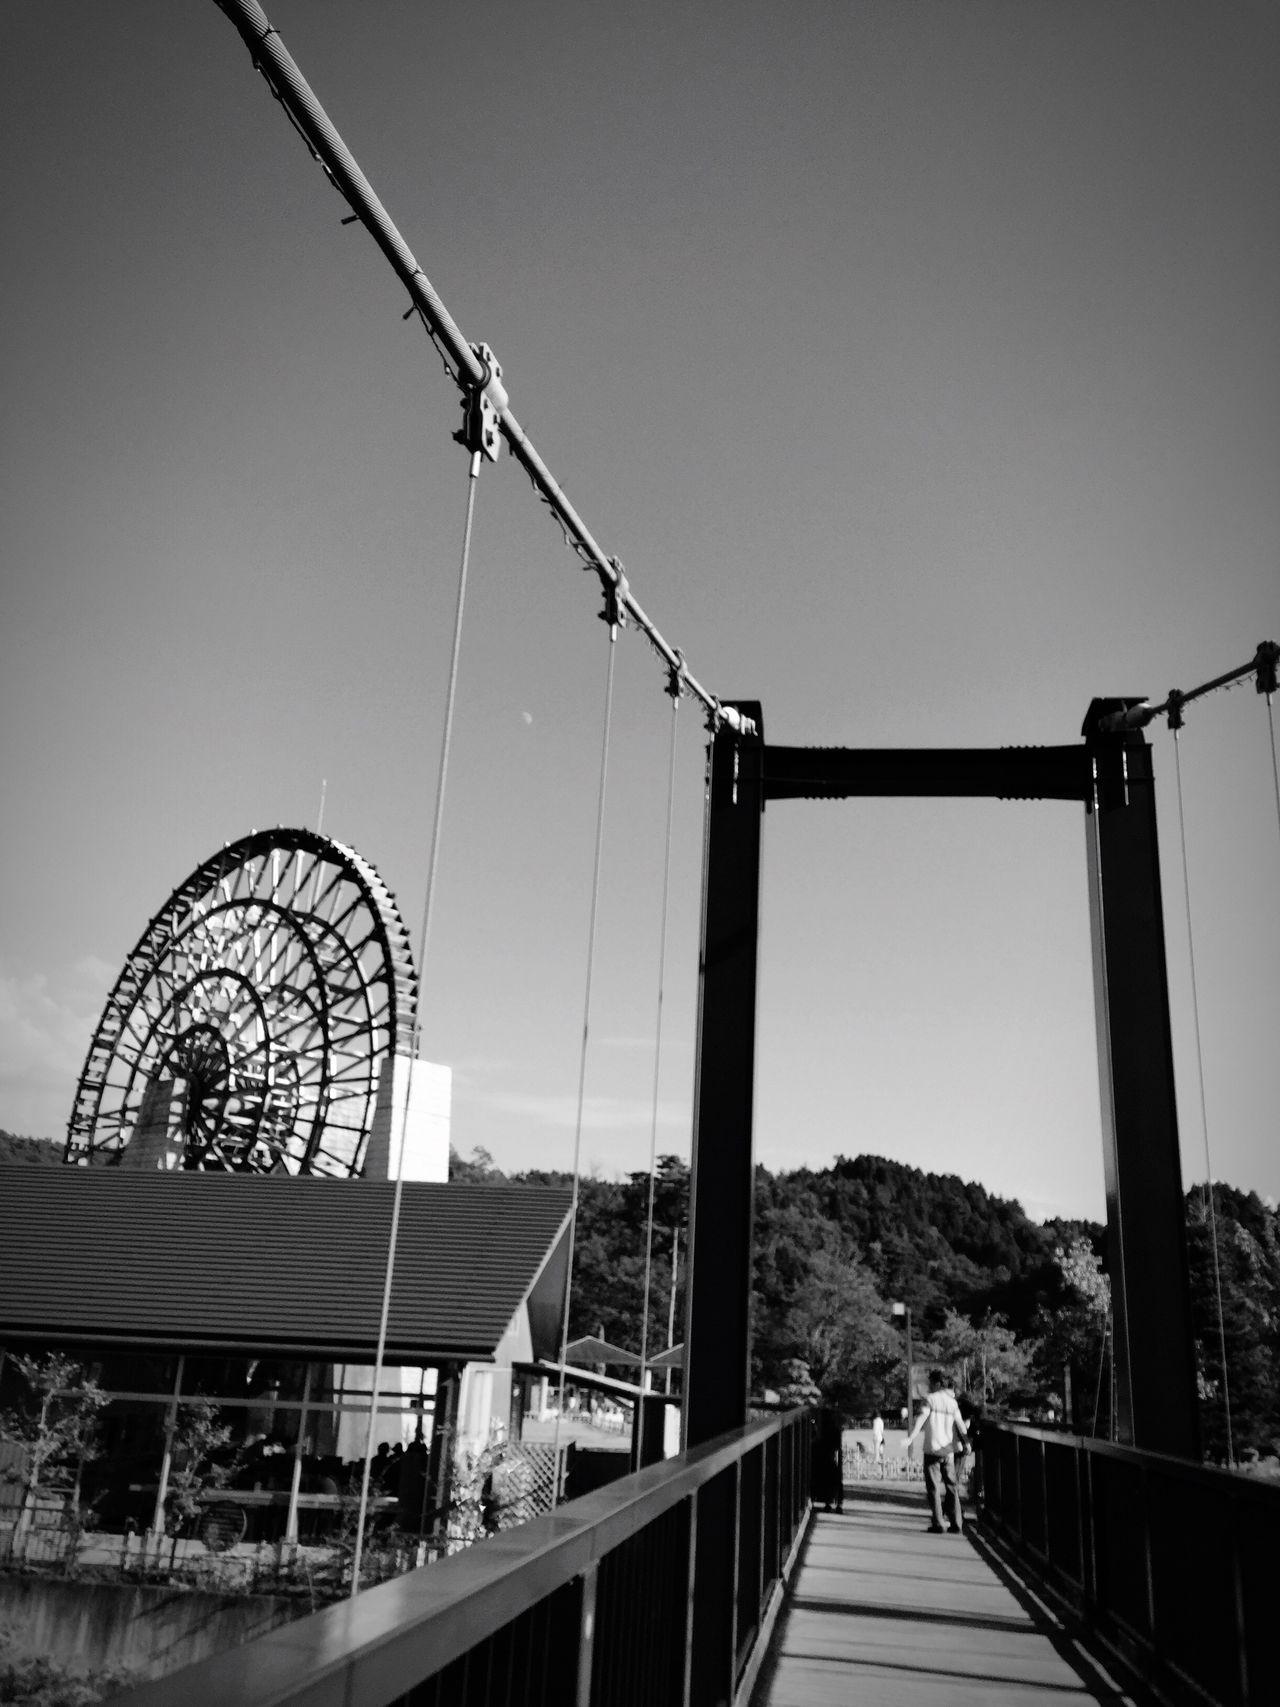 日本一の木製水車。 Architecture Waterwheel Monochrome Photography 道の駅 おばあちゃん市・山岡